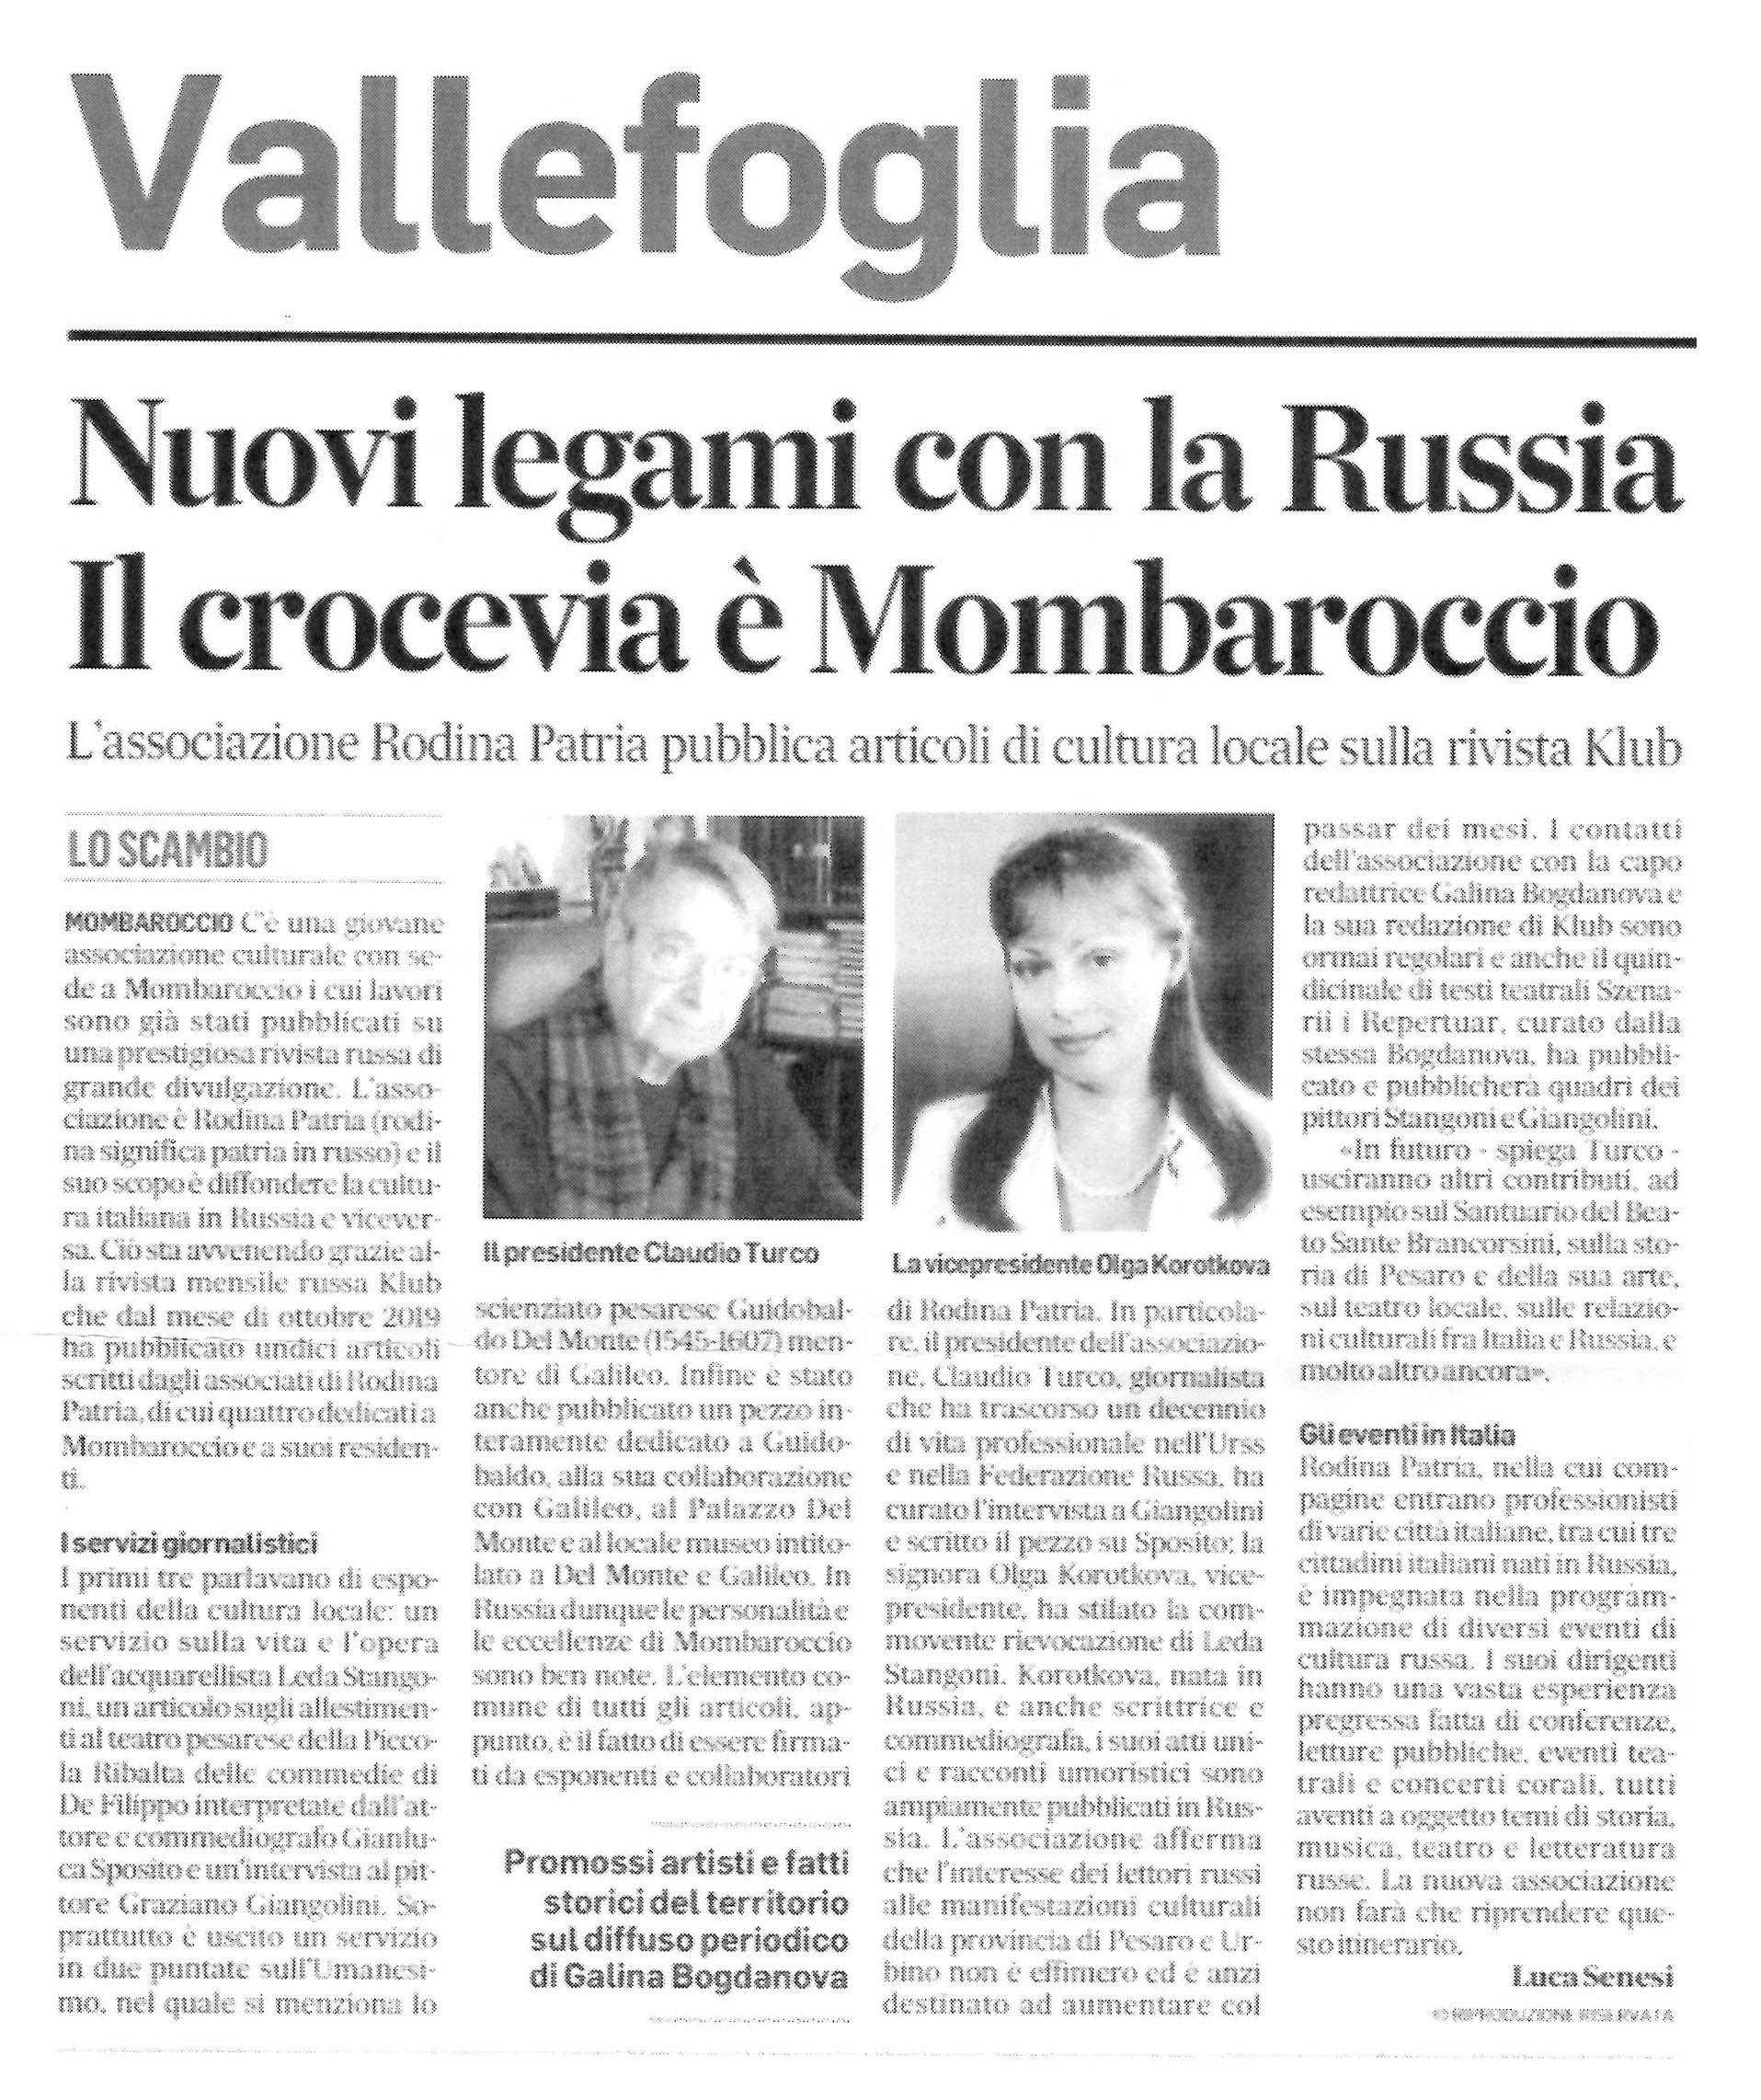 CONTINUANO A CRESCERE INIZIATIVE SPONTANEE CHE LEGANO LE MARCHE ALLA RUSSIA.